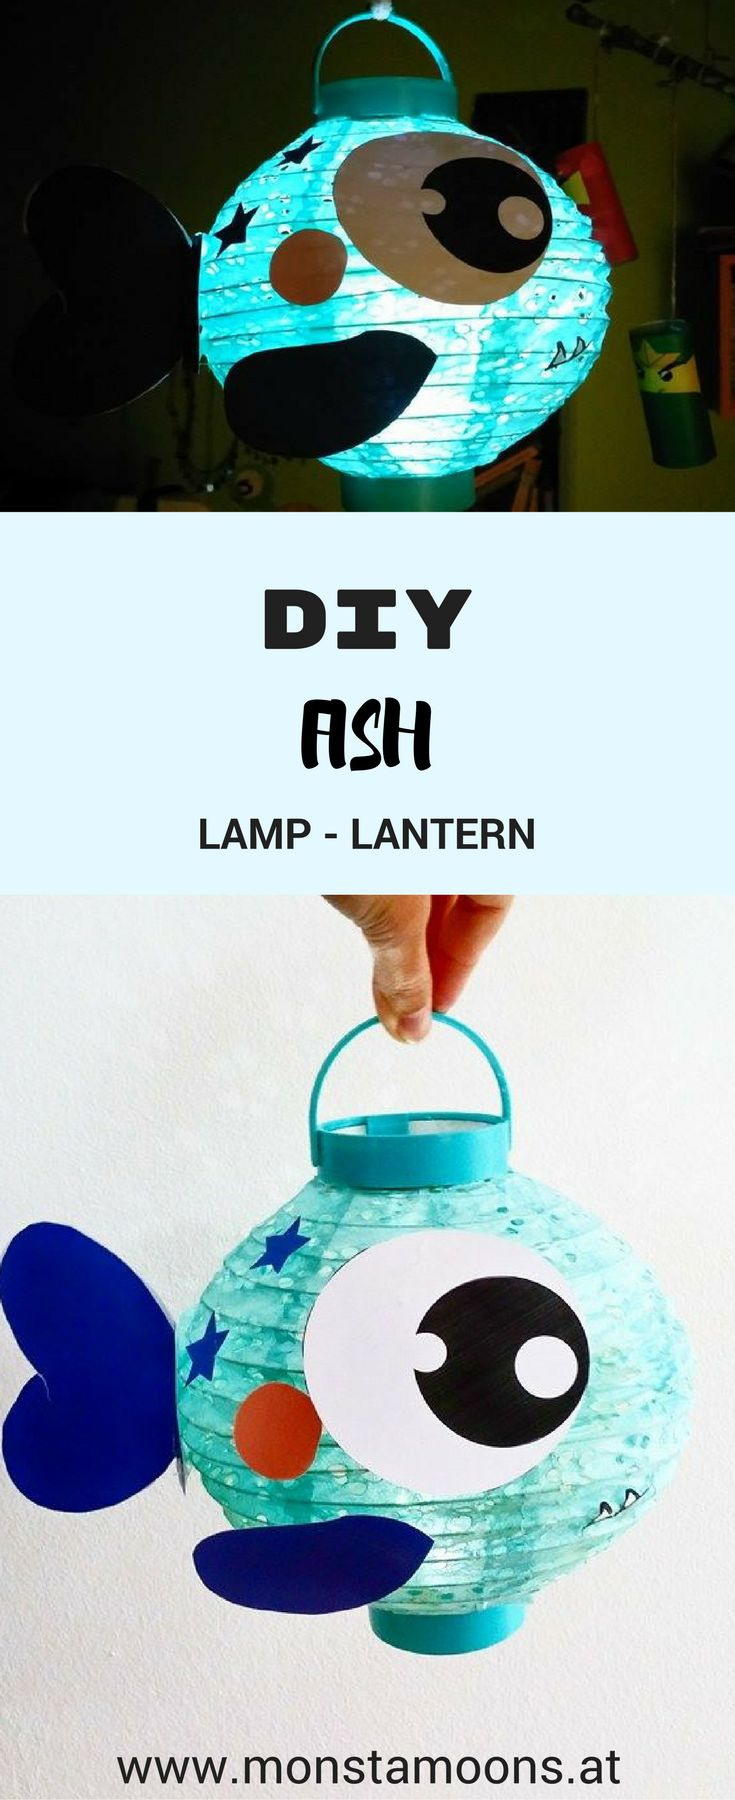 Lampe für's Kinderzimmer basteln, Laterne basteln, Fisch Laterne, Fisch lampe, lantern craft, Monstamoons, fish craft, fish lantern